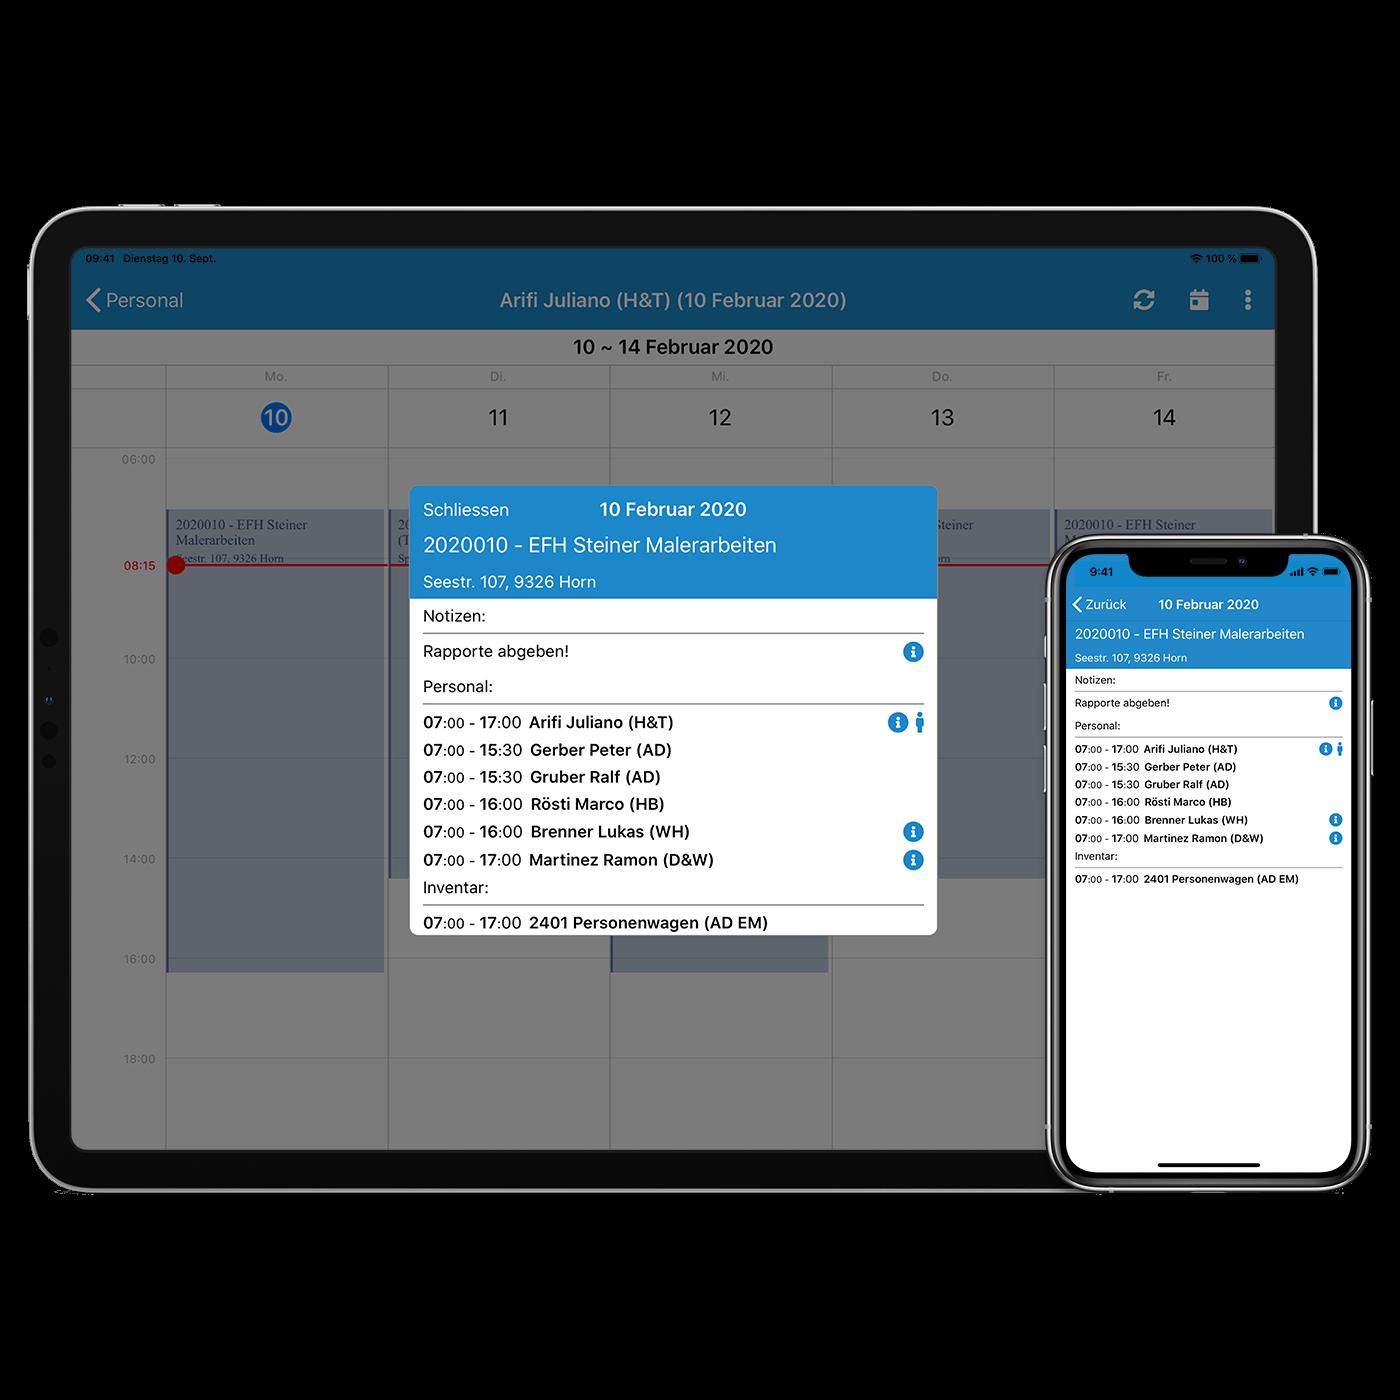 Ressourcenplanung ipad und iphone klein